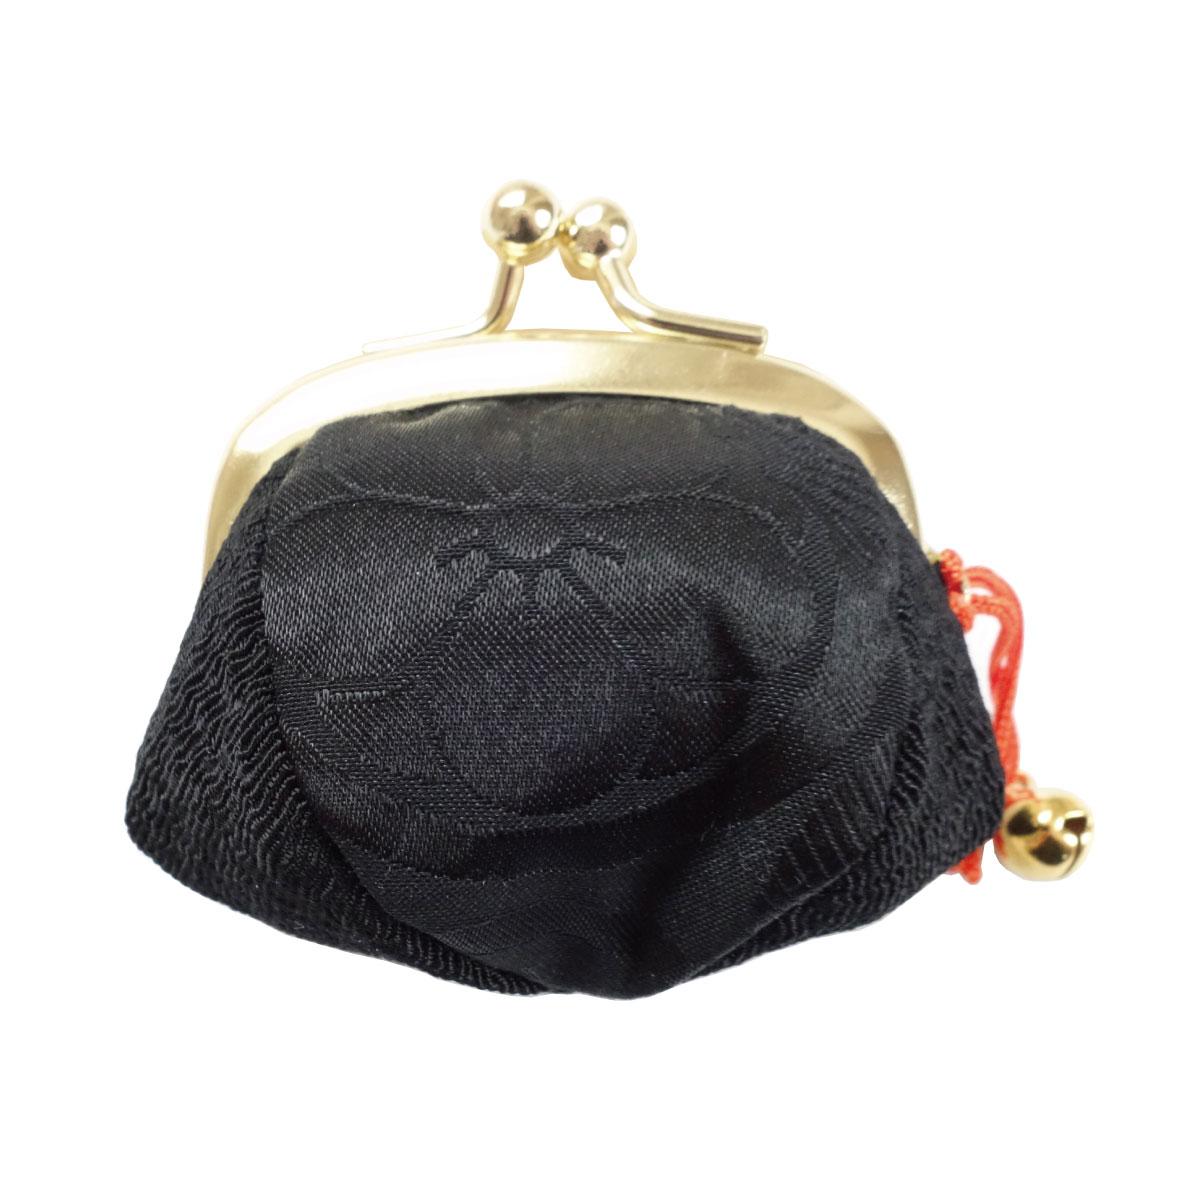 【がま口】指輪差し付・財布/小銭入れ ミニサイズ小鈴付<花紋>黒